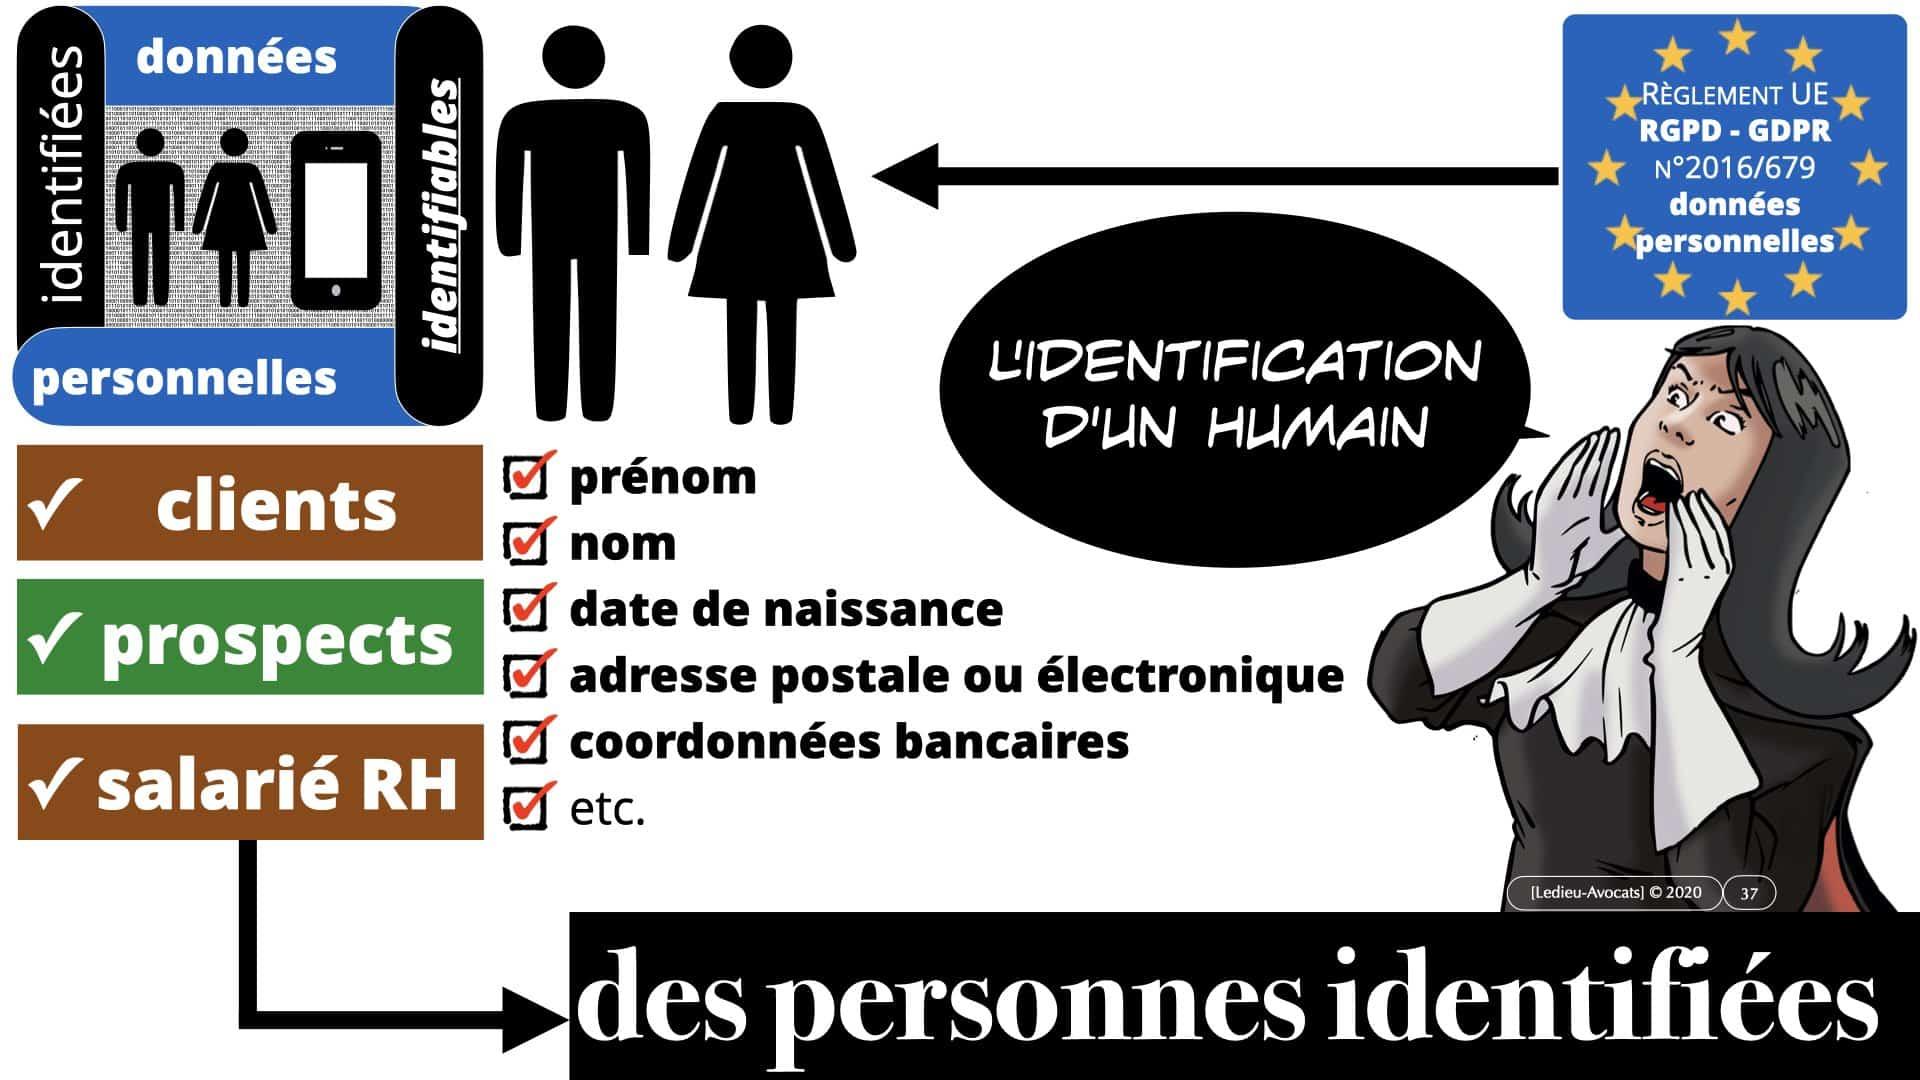 """métadonnées données personnelles : les données à caractère personnel identifiant directement une """"vraie"""" personne"""